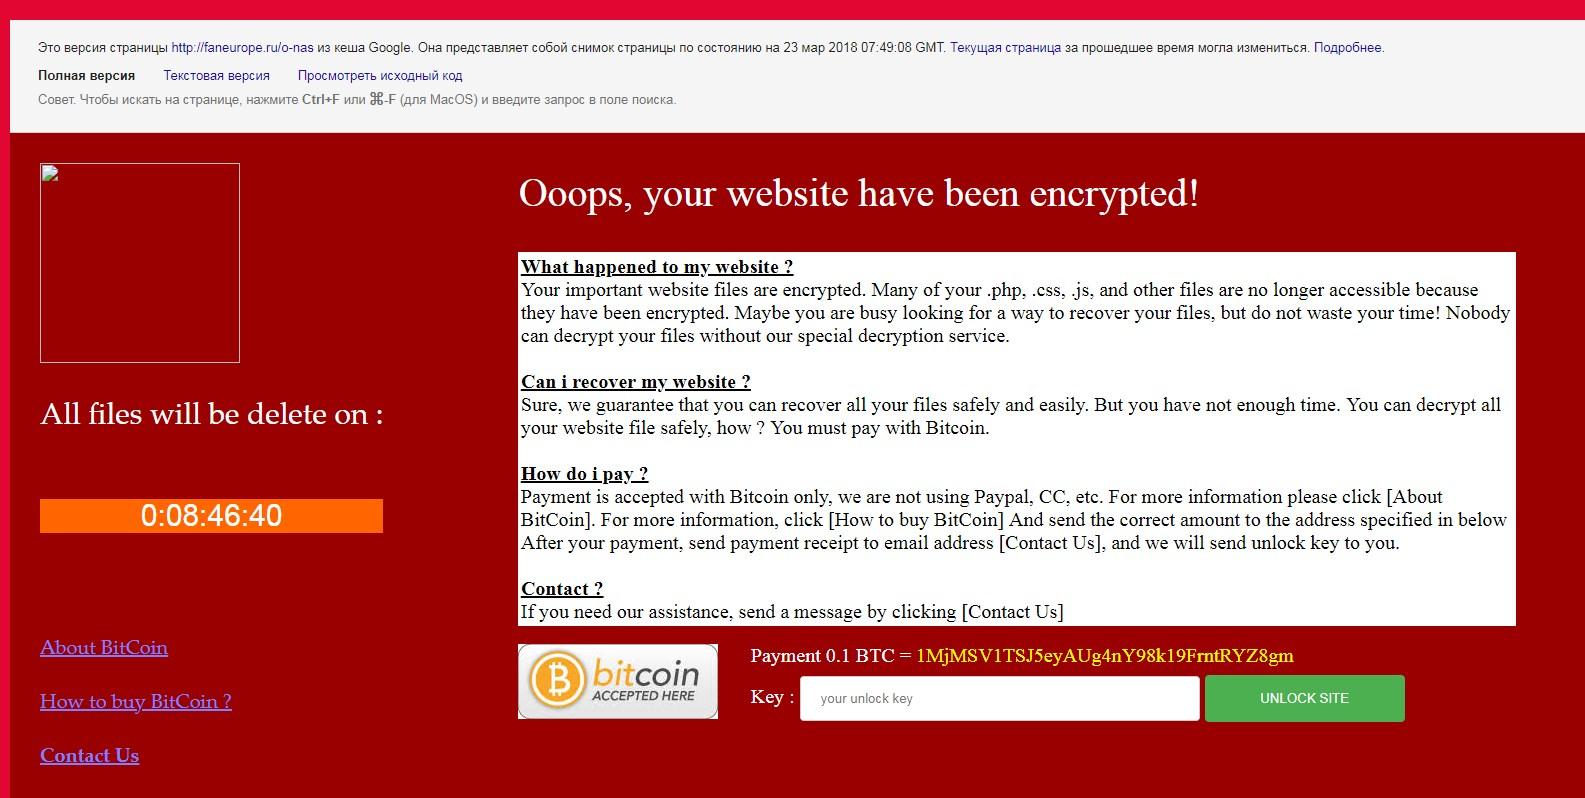 Сайт украинского министерства был зашифрован неизвестными хакерами